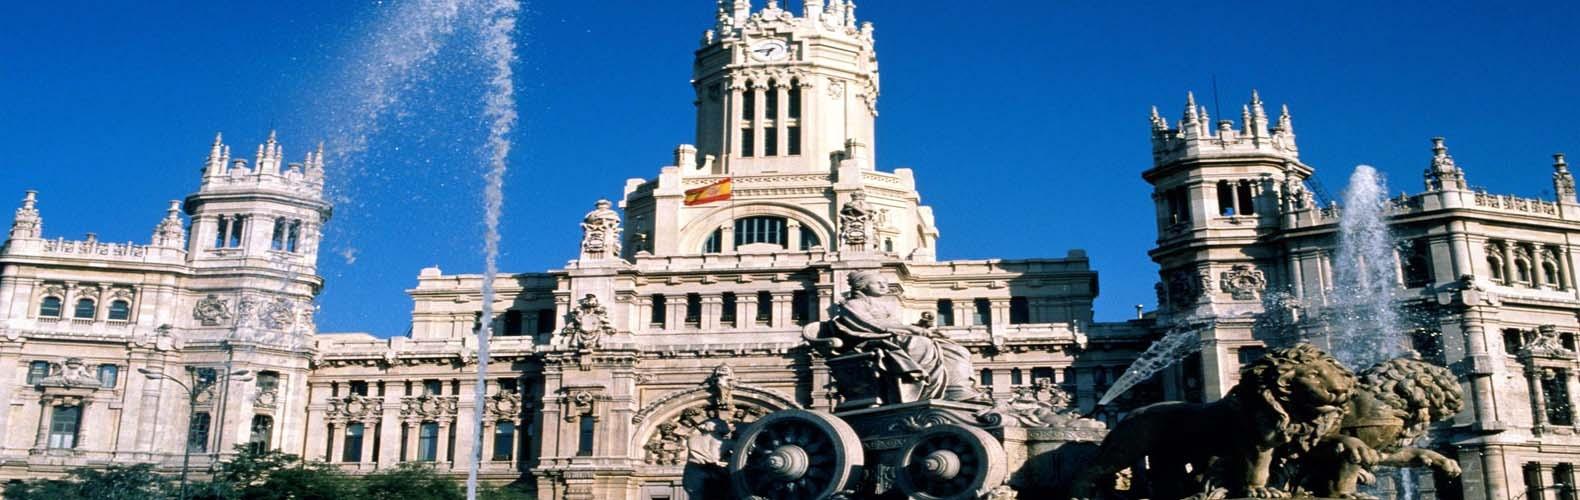 Inversiones inmobiliarias en Madrid, comparr edificios en Madrod